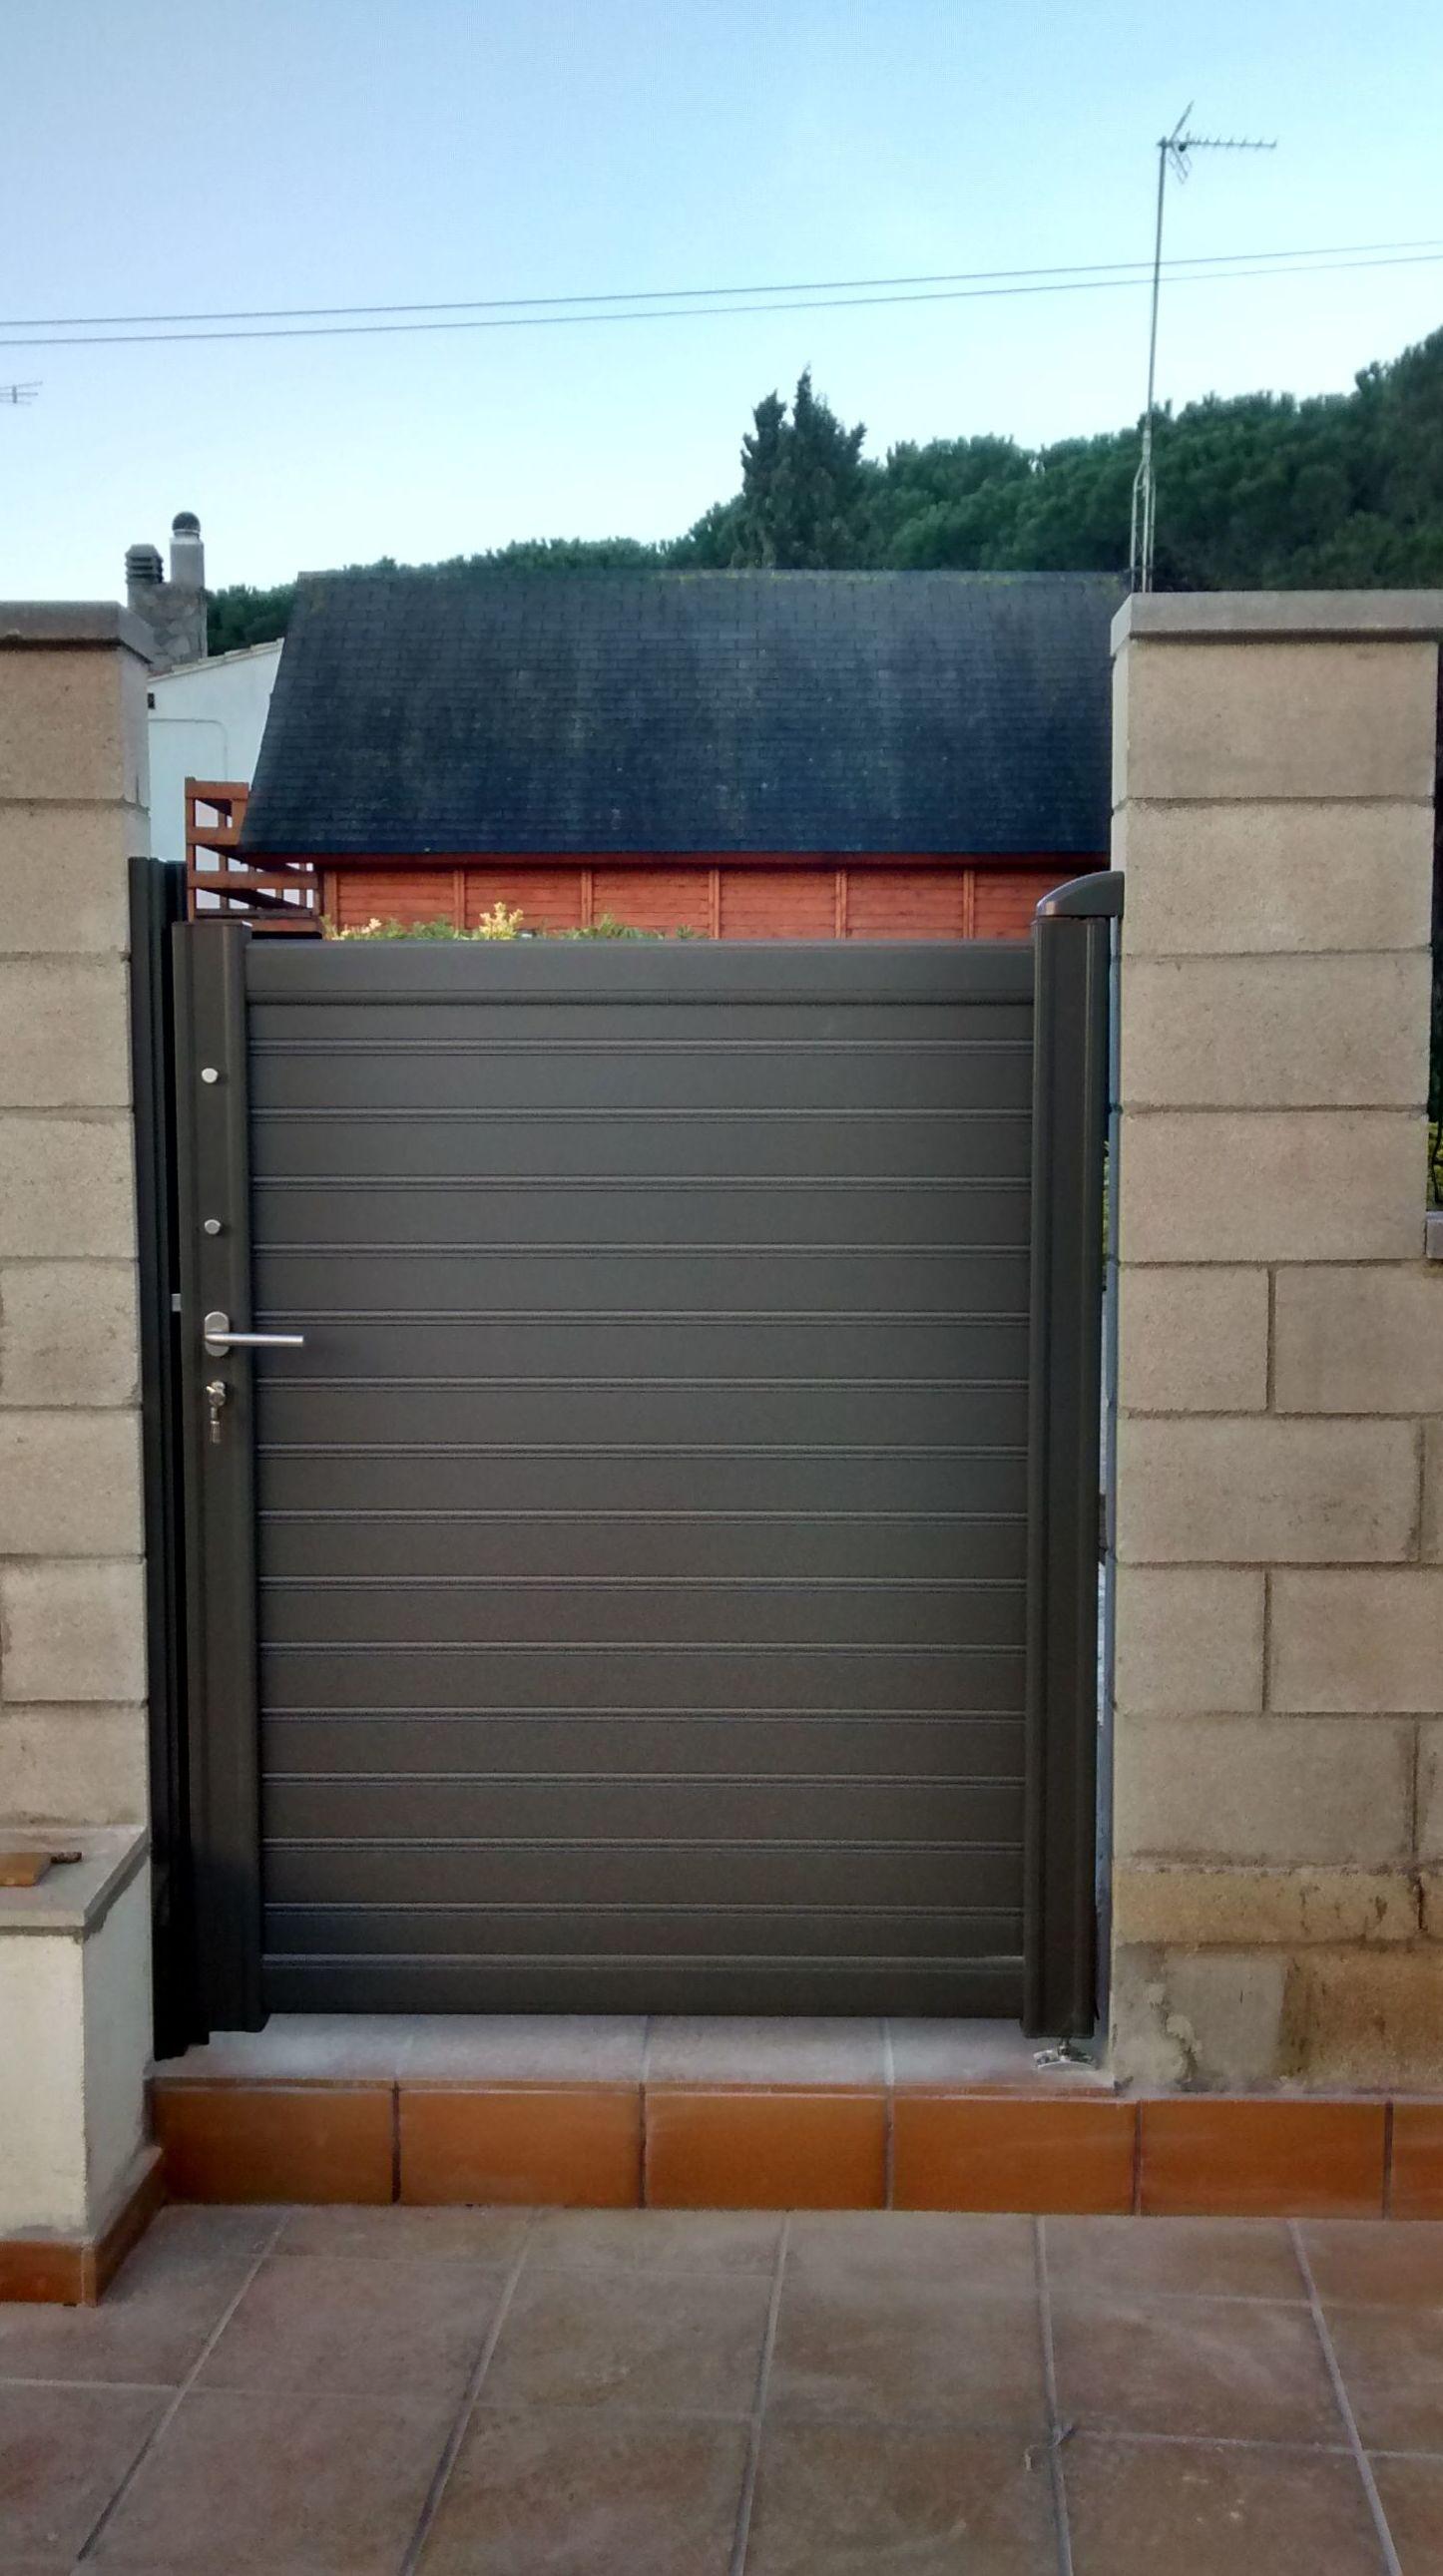 Vallas y puertas de acceso en aluminio nuestros productos - Vallas y cierres ...